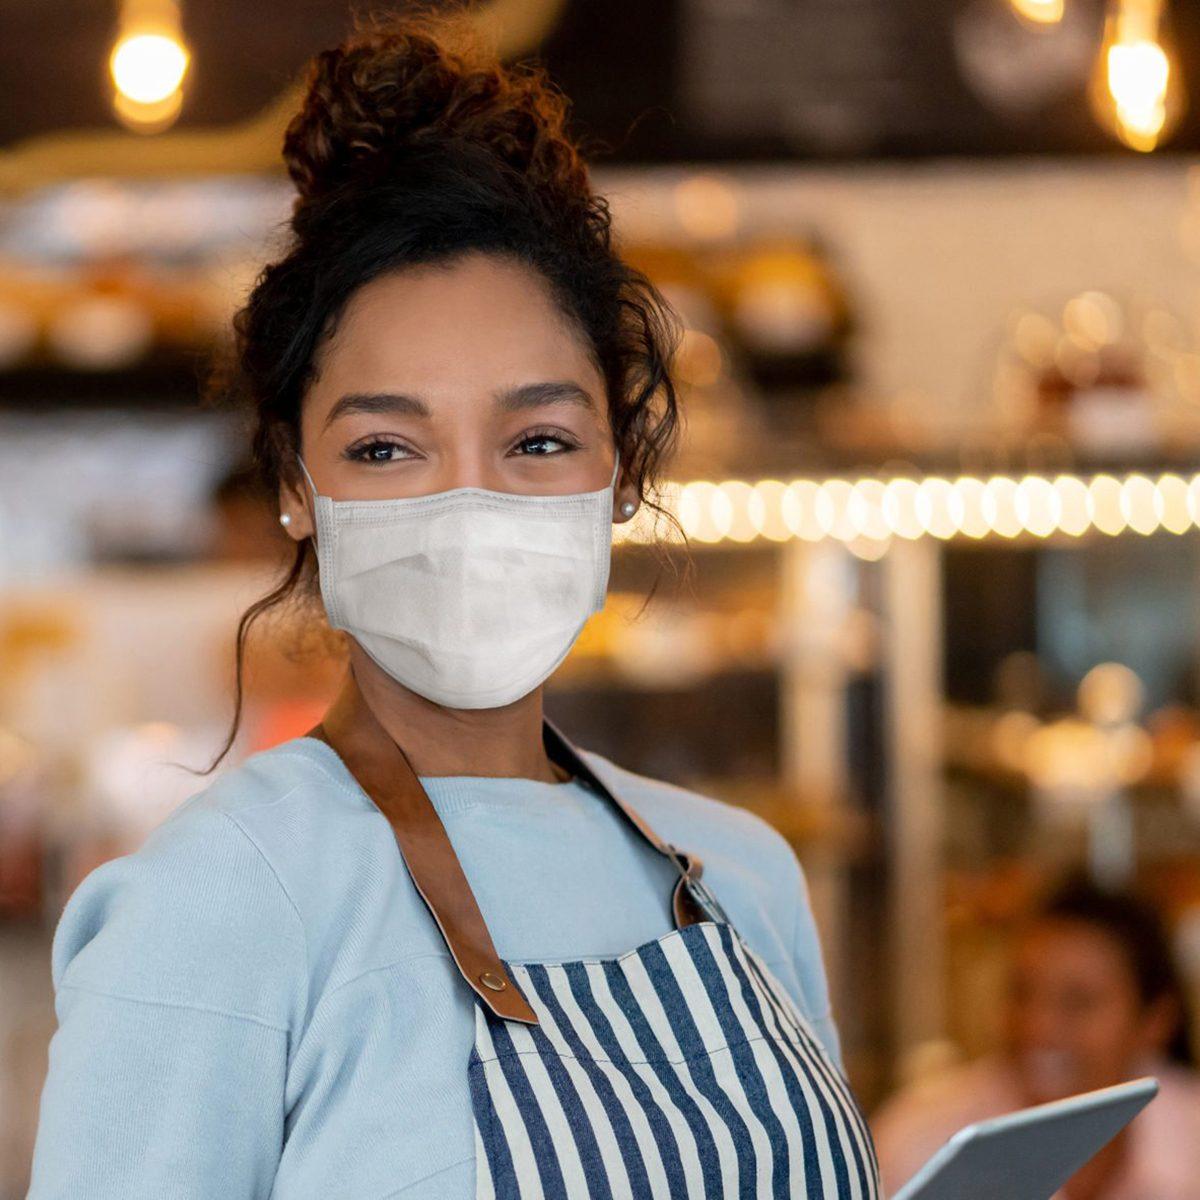 Masked waitress